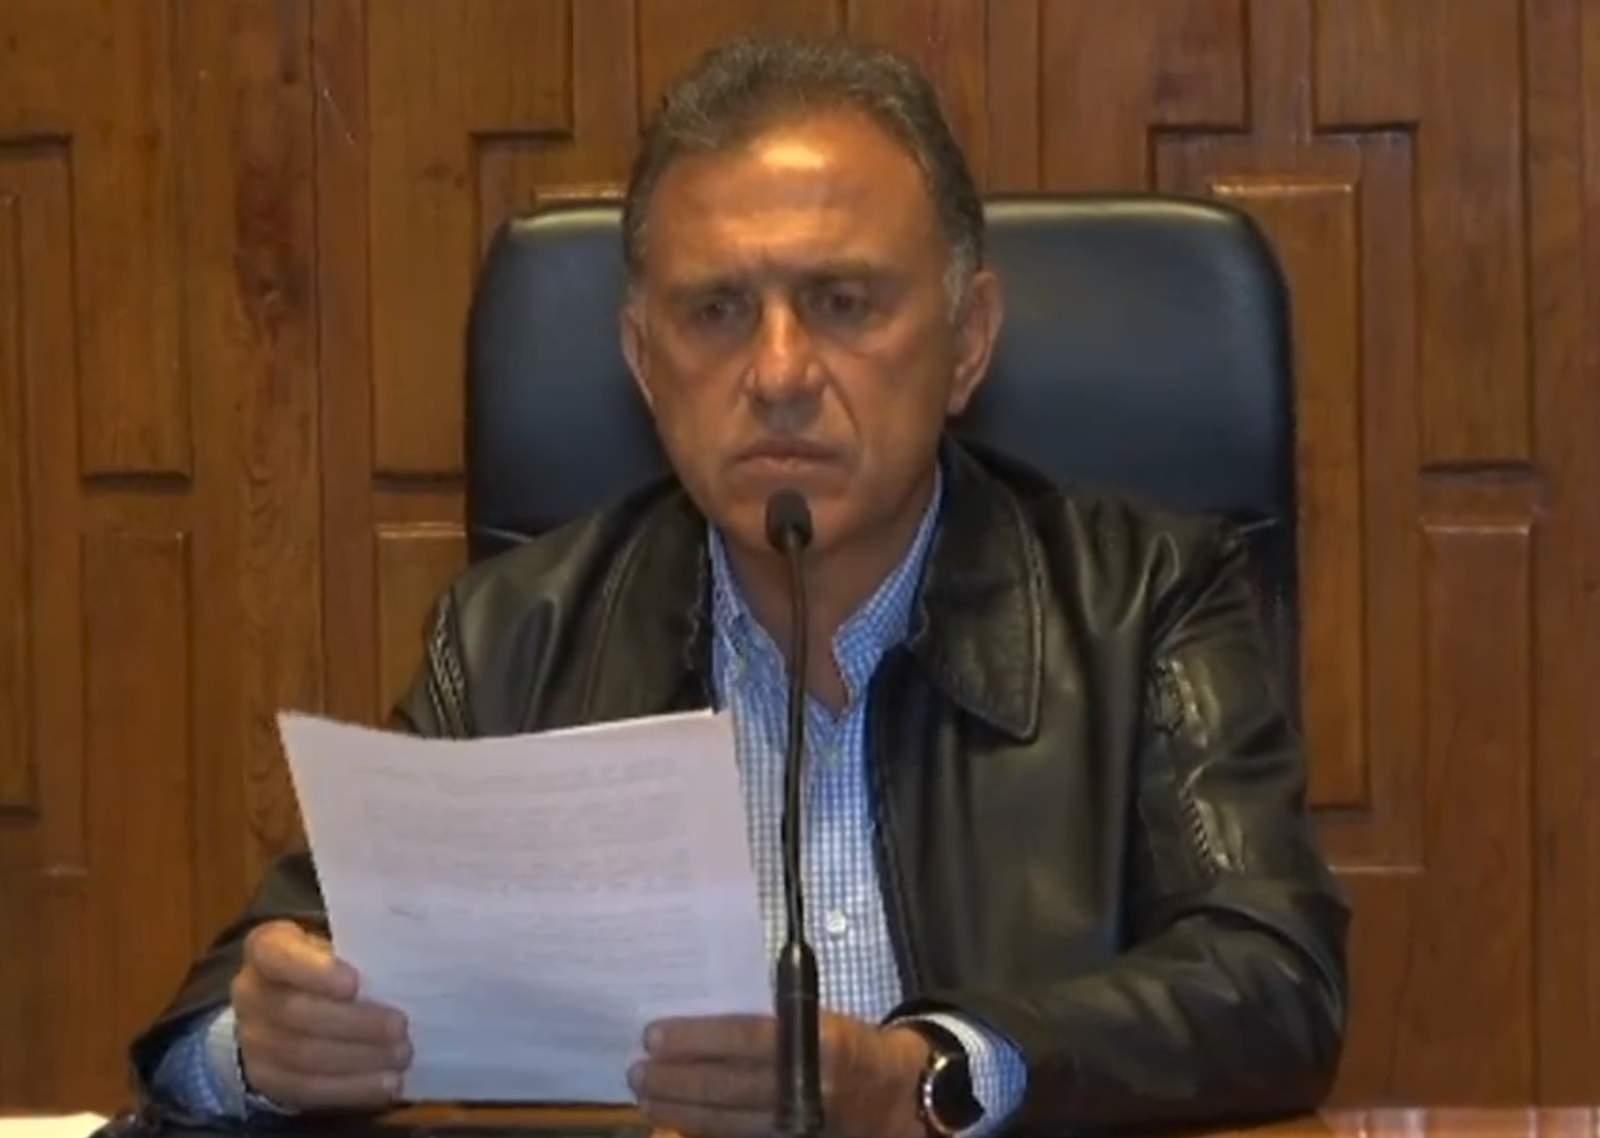 Presunto asesino de hija de diputada apareció muerto: Yunes; dice que la confundieron